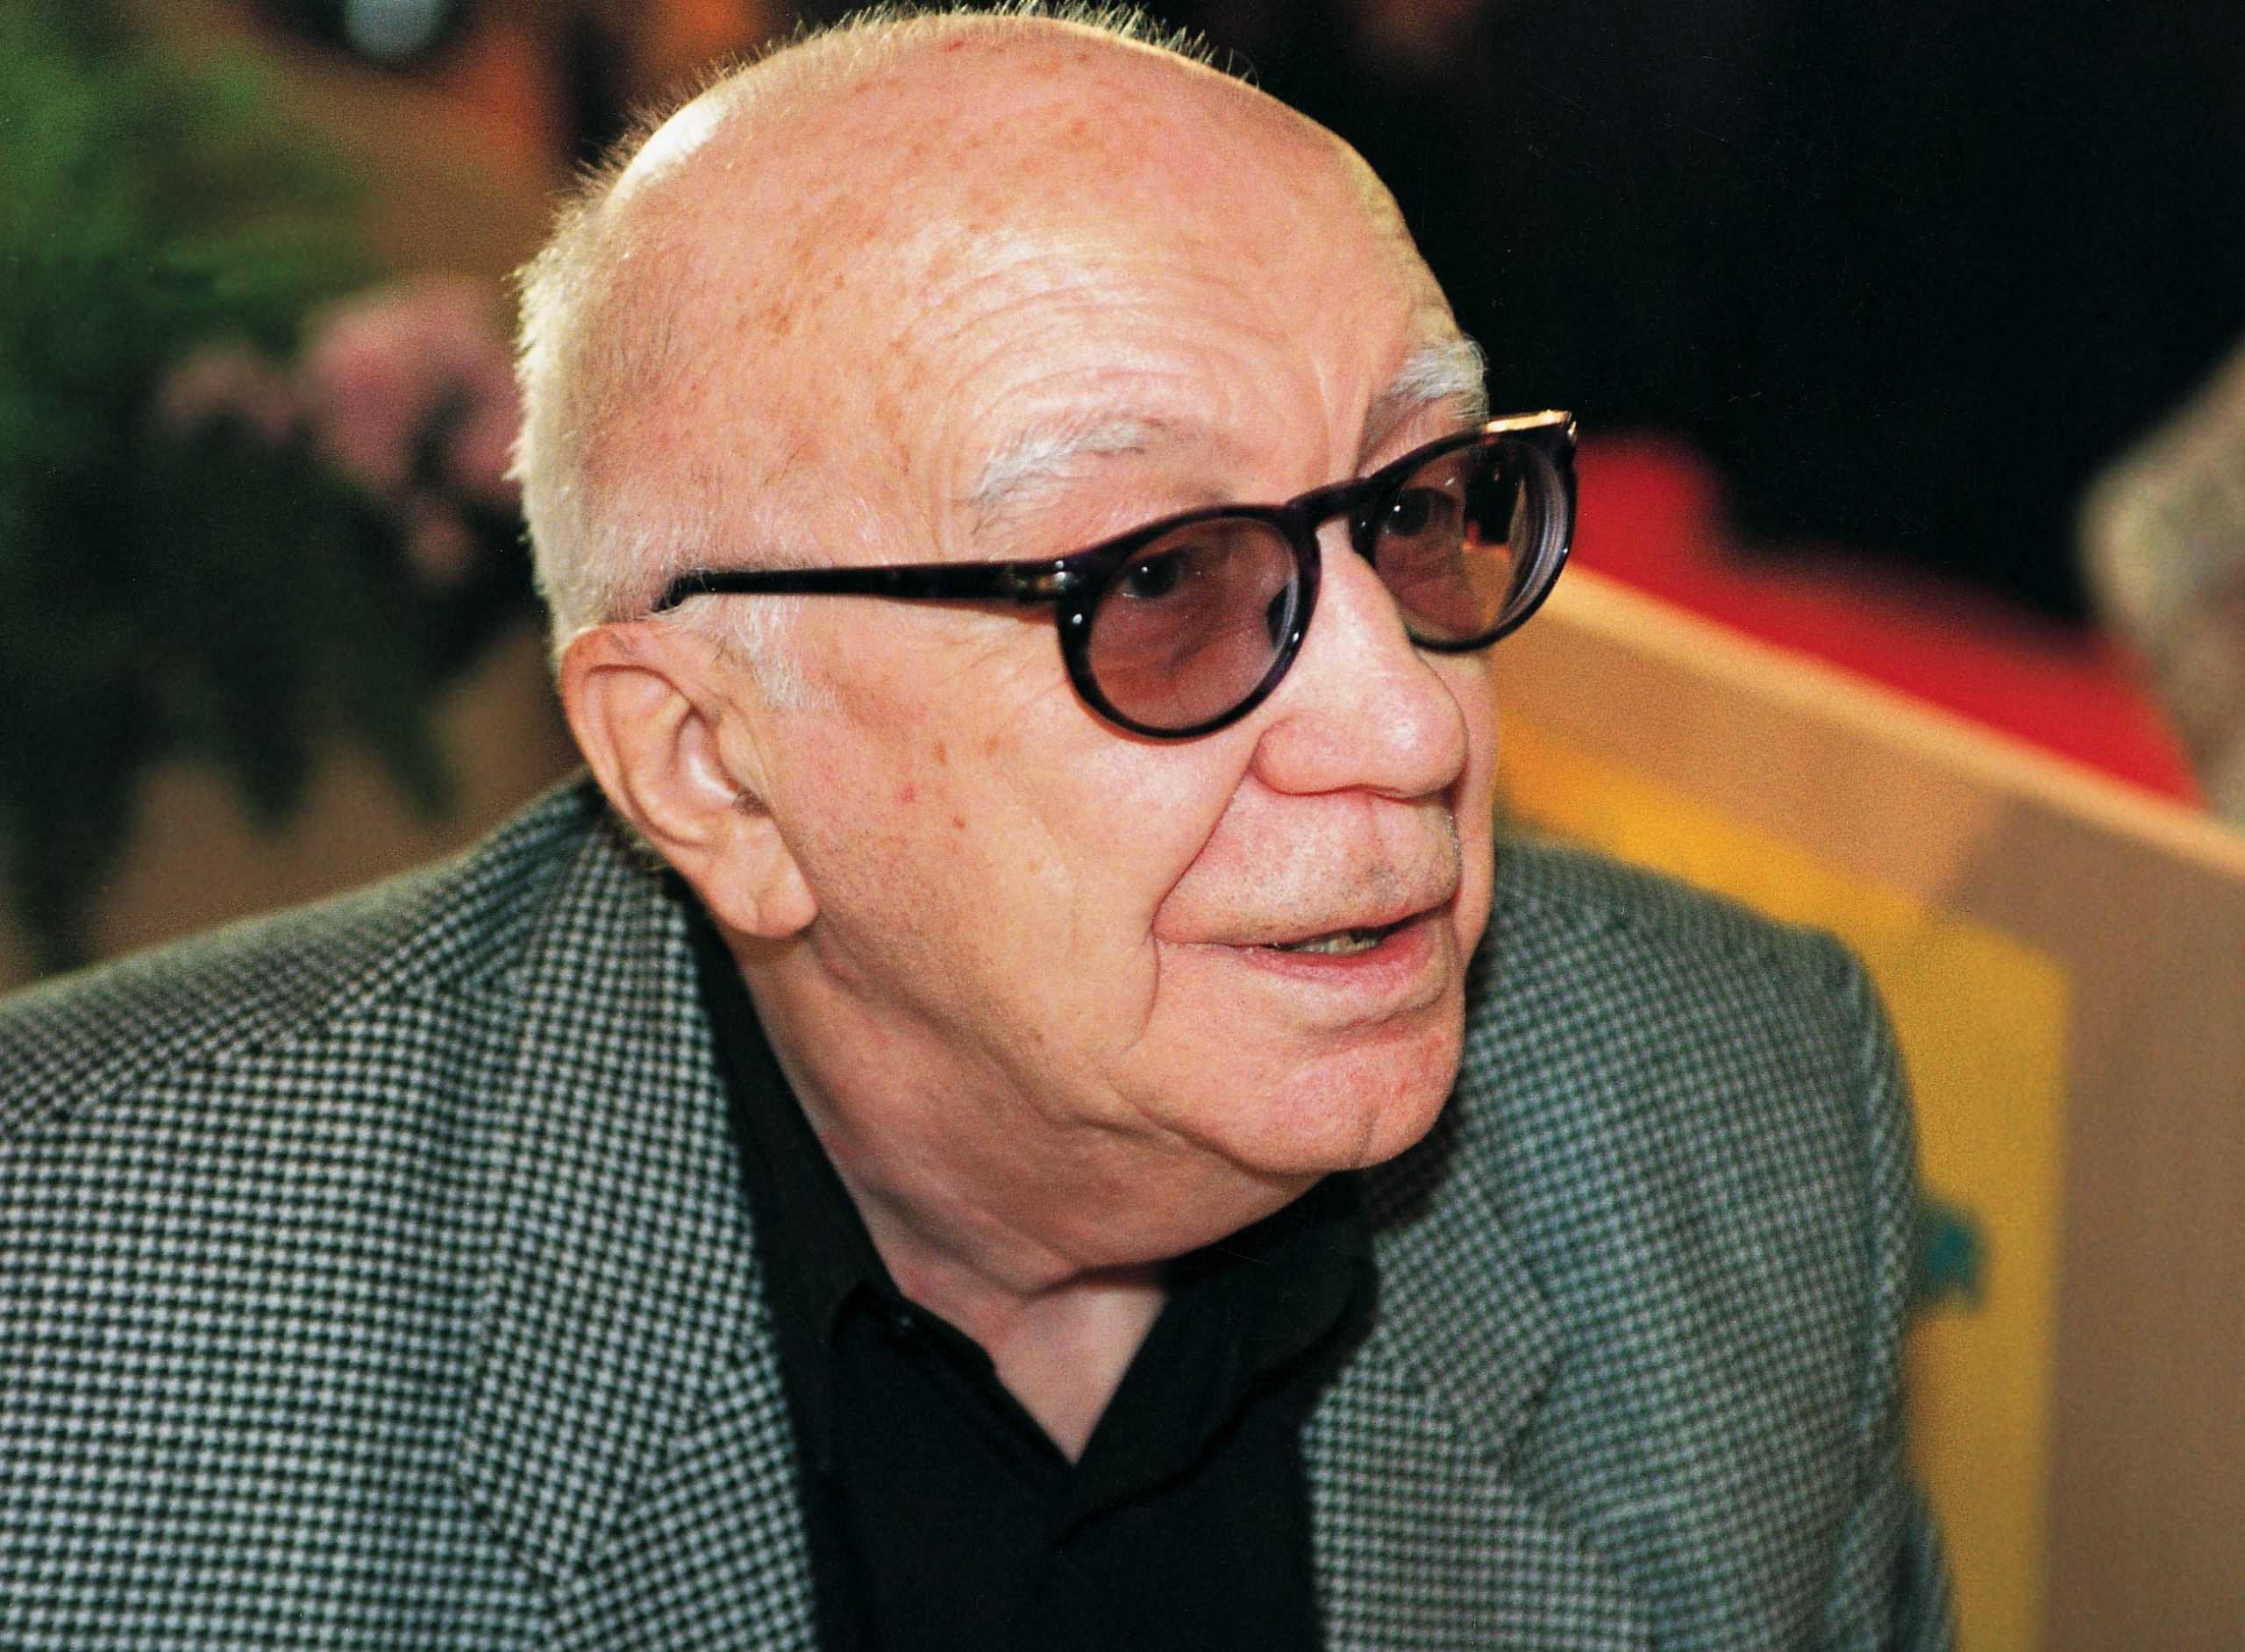 Henri Vernes, le père de Bob Morane, est centenaire